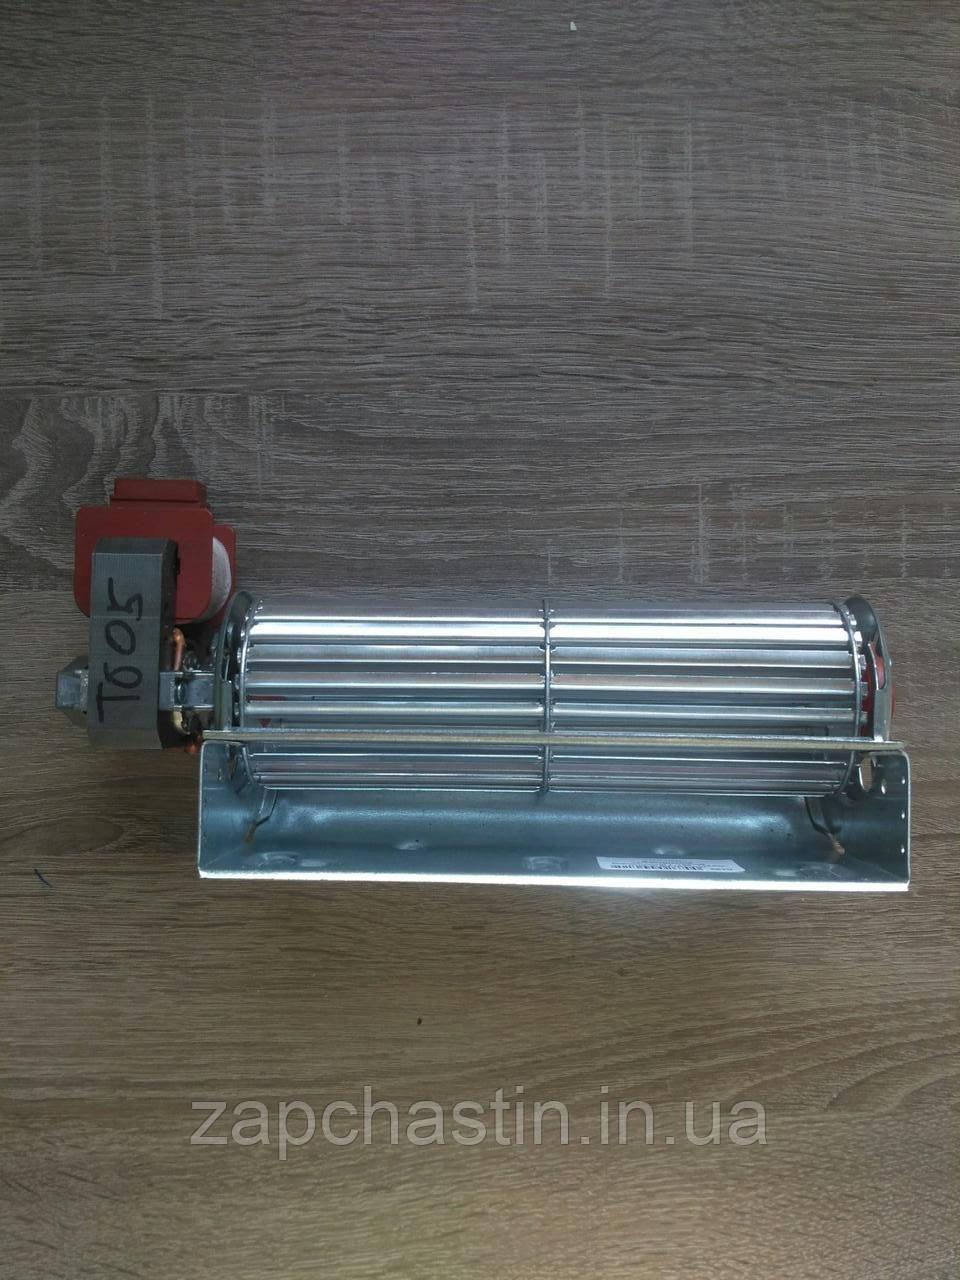 Вентилятор тангенциальный (канальный) L-180, 25±5W, левый SX (Белка)